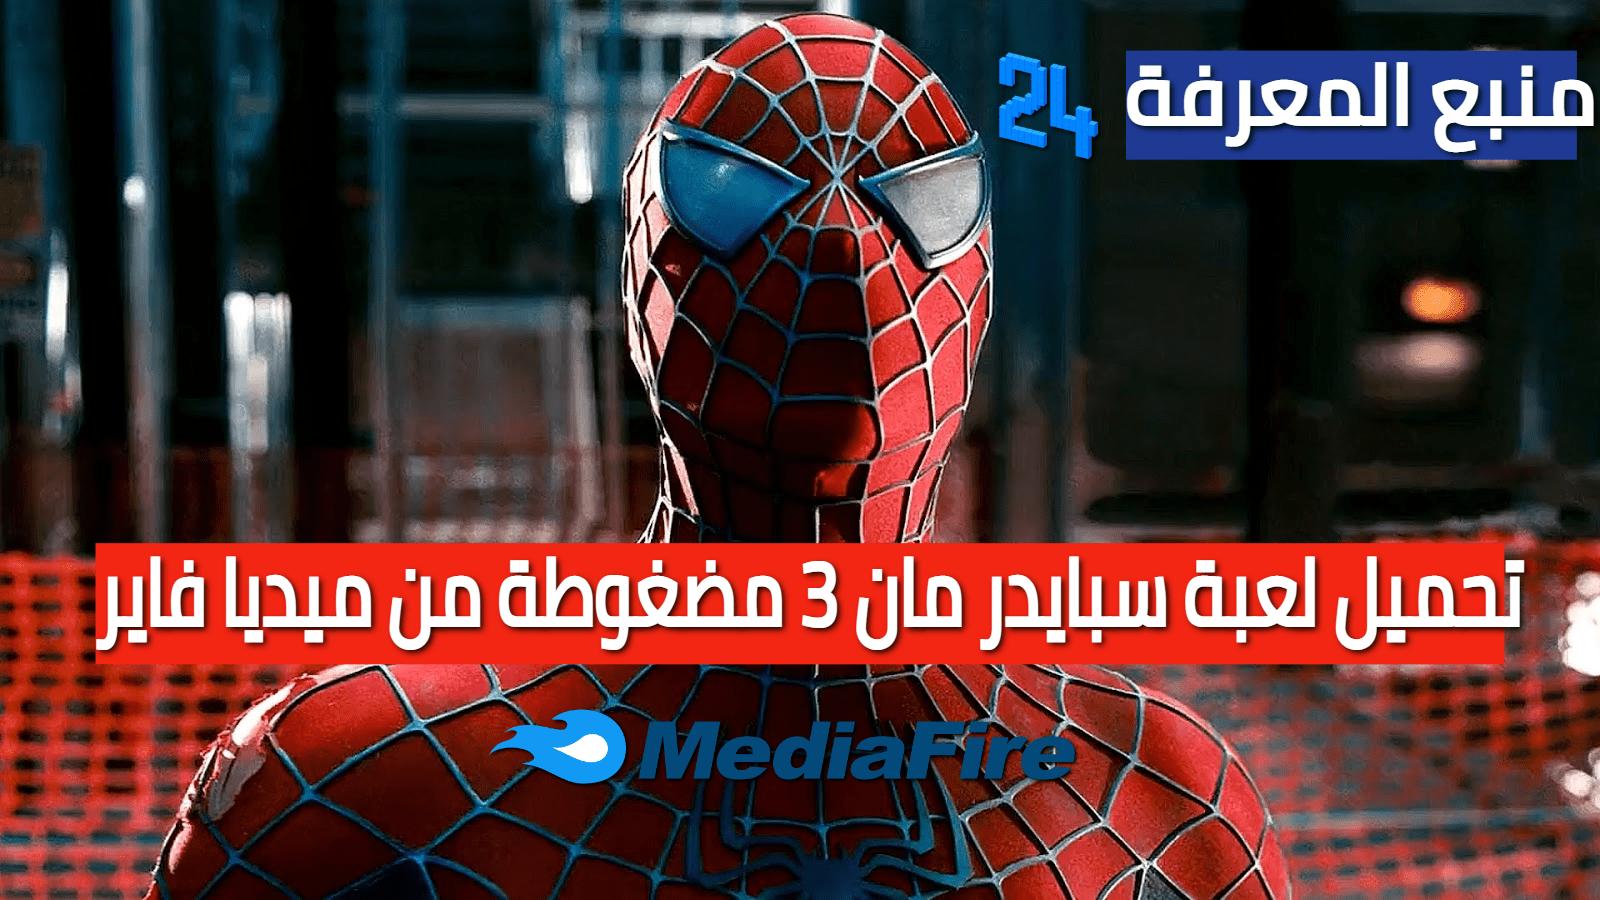 تحميل لعبة سبايدر مان Spider Man 3 مضغوطة من ميديا فاير